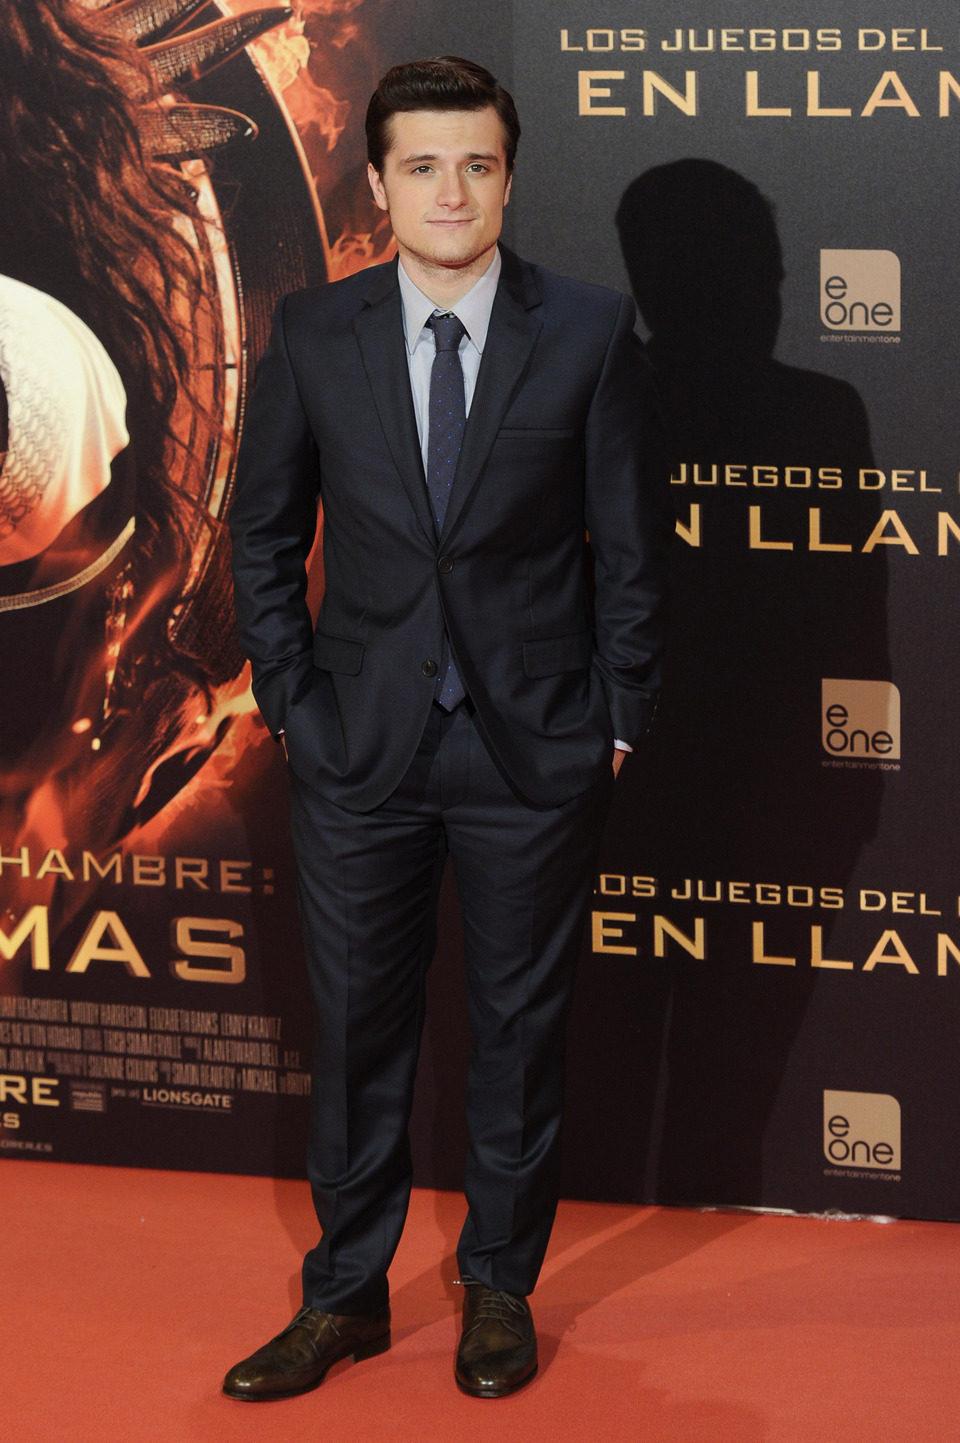 Josh Hutcherson en la premiere de 'Los Juegos del Hambre: En llamas' en Madrid